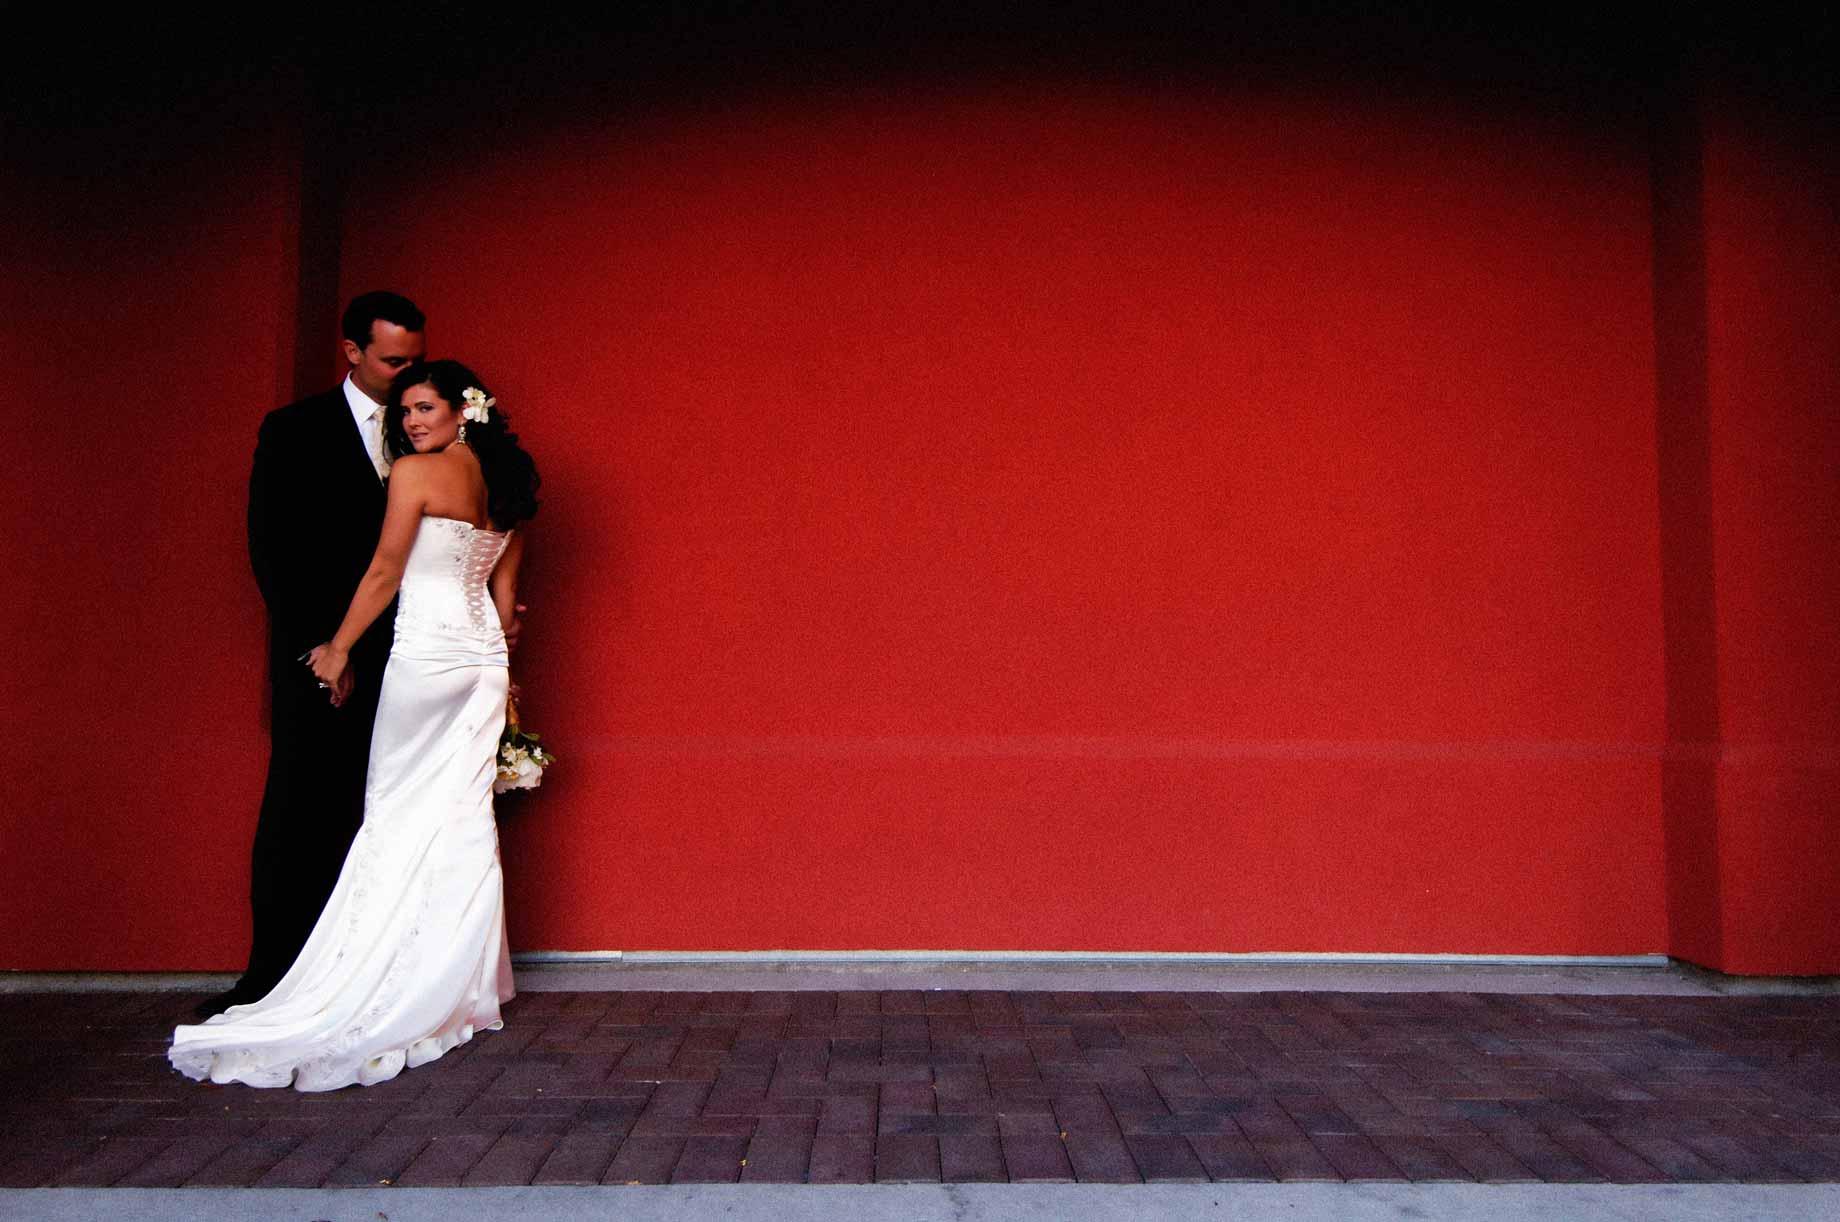 Les plus belles photos de mariages - Mur rouge ...